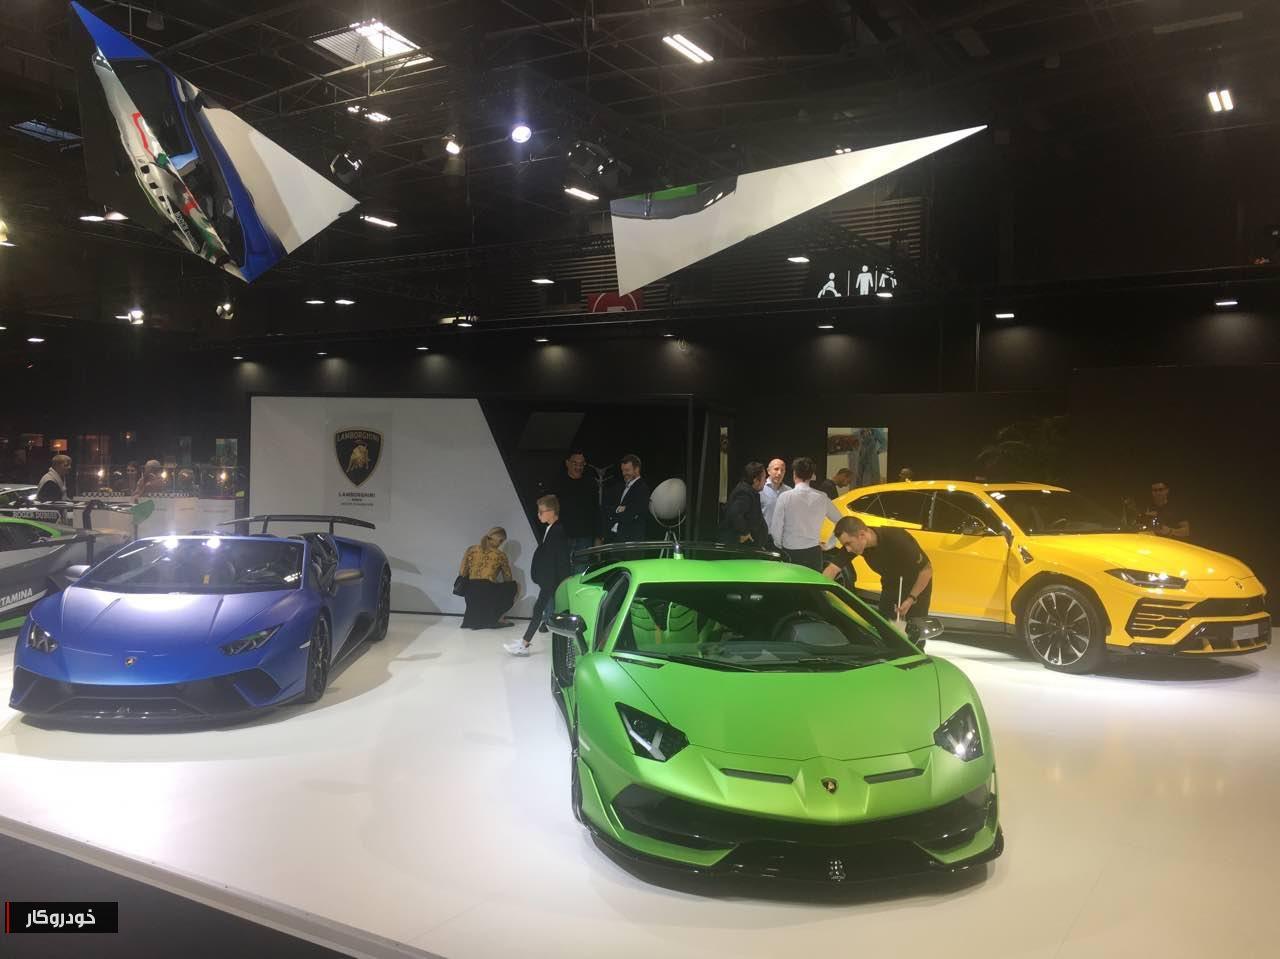 قدرتنمایی خودروییها در نمایشگاه پاریس/ خط و نشان پژو و رنو برای همدیگر